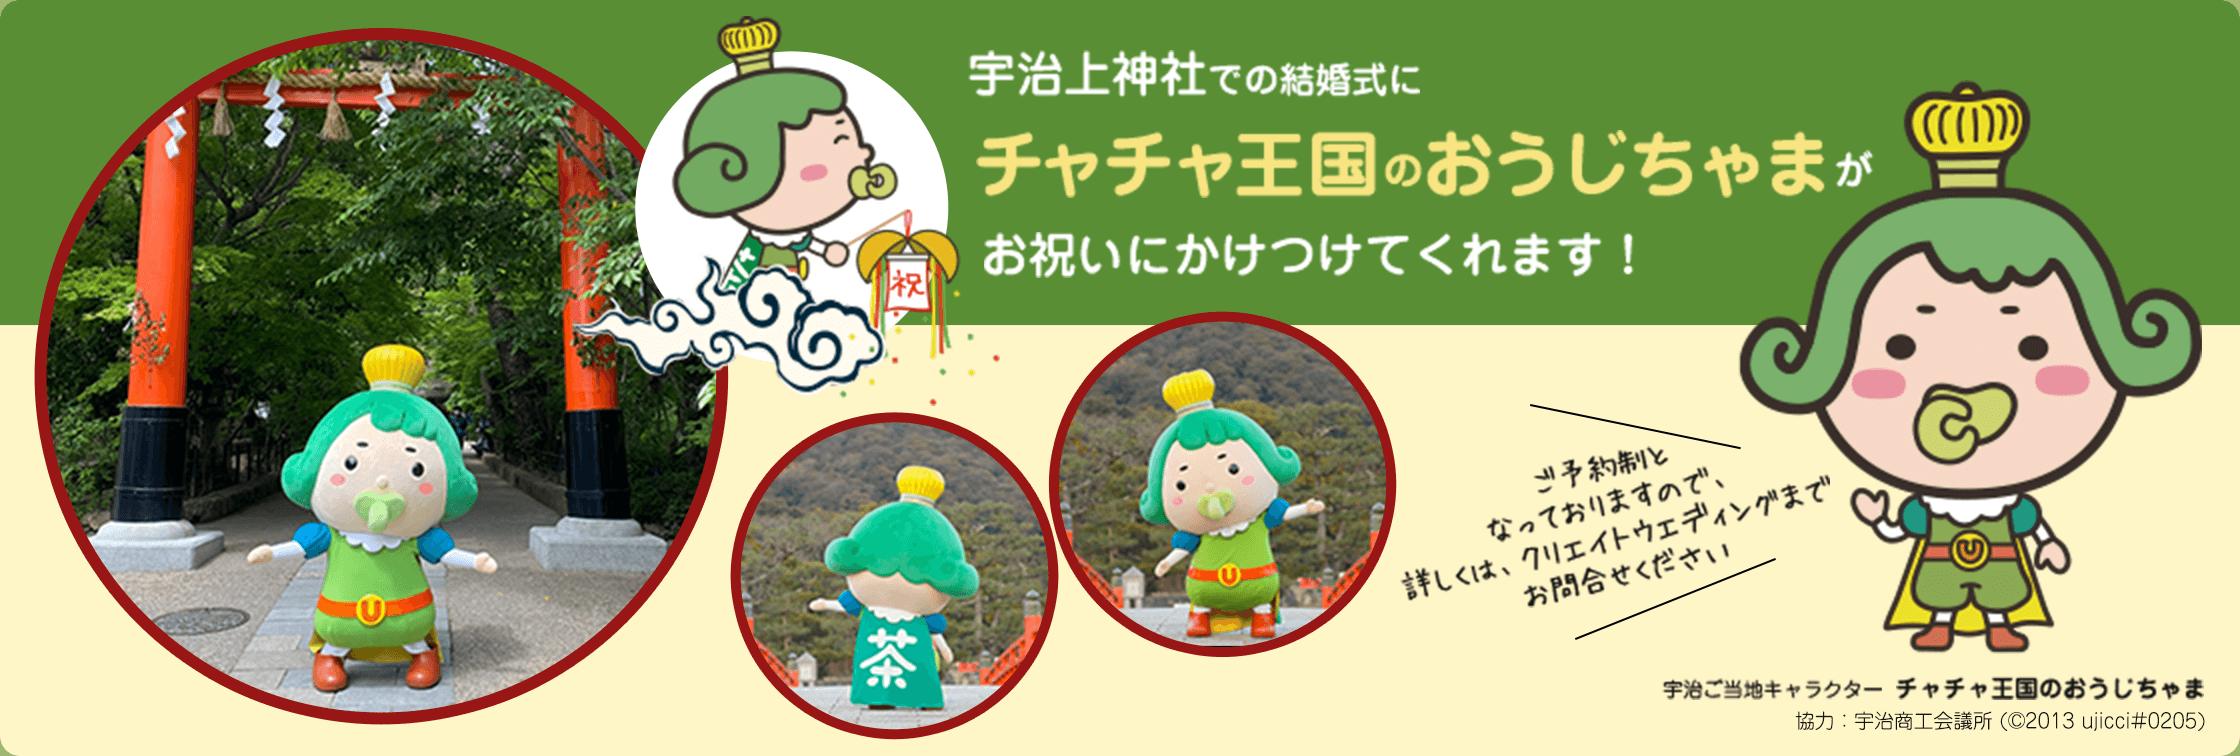 宇治上神社での結婚式にチャチャ王国のおうじちゃまがお祝いにかけつけてくれます!